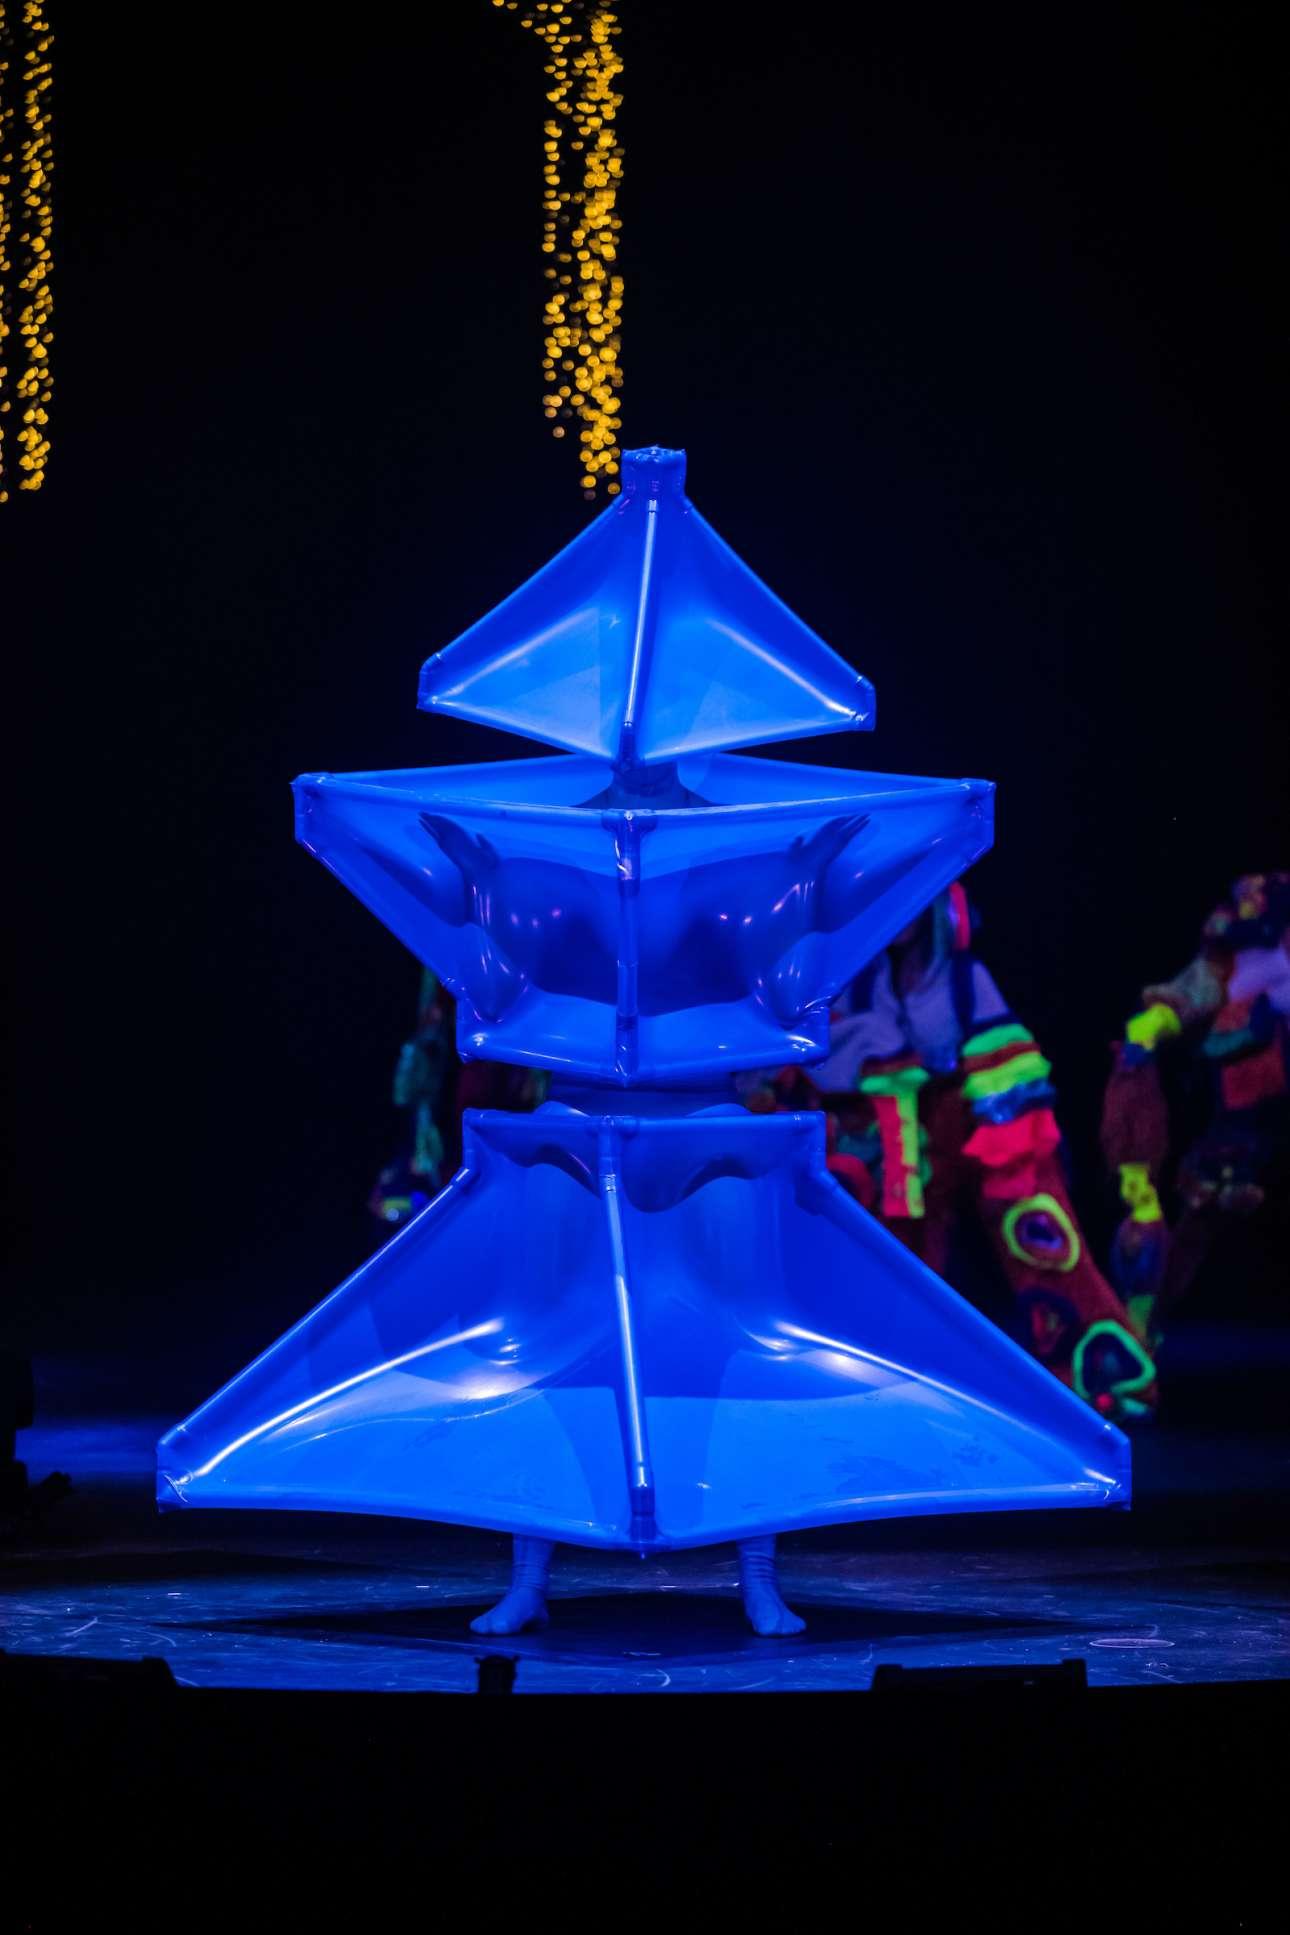 Ο Βρετανός Ανταμ Μακαλάβεϊ δημιουργεί το ένδυμα «Μπλε αστέρι» για να εκφράσει πώς νιώθει όταν κοιτάζει τον έναστρο ουρανό και κερδίζει το διεθνές βραβείο του διαγωνισμού